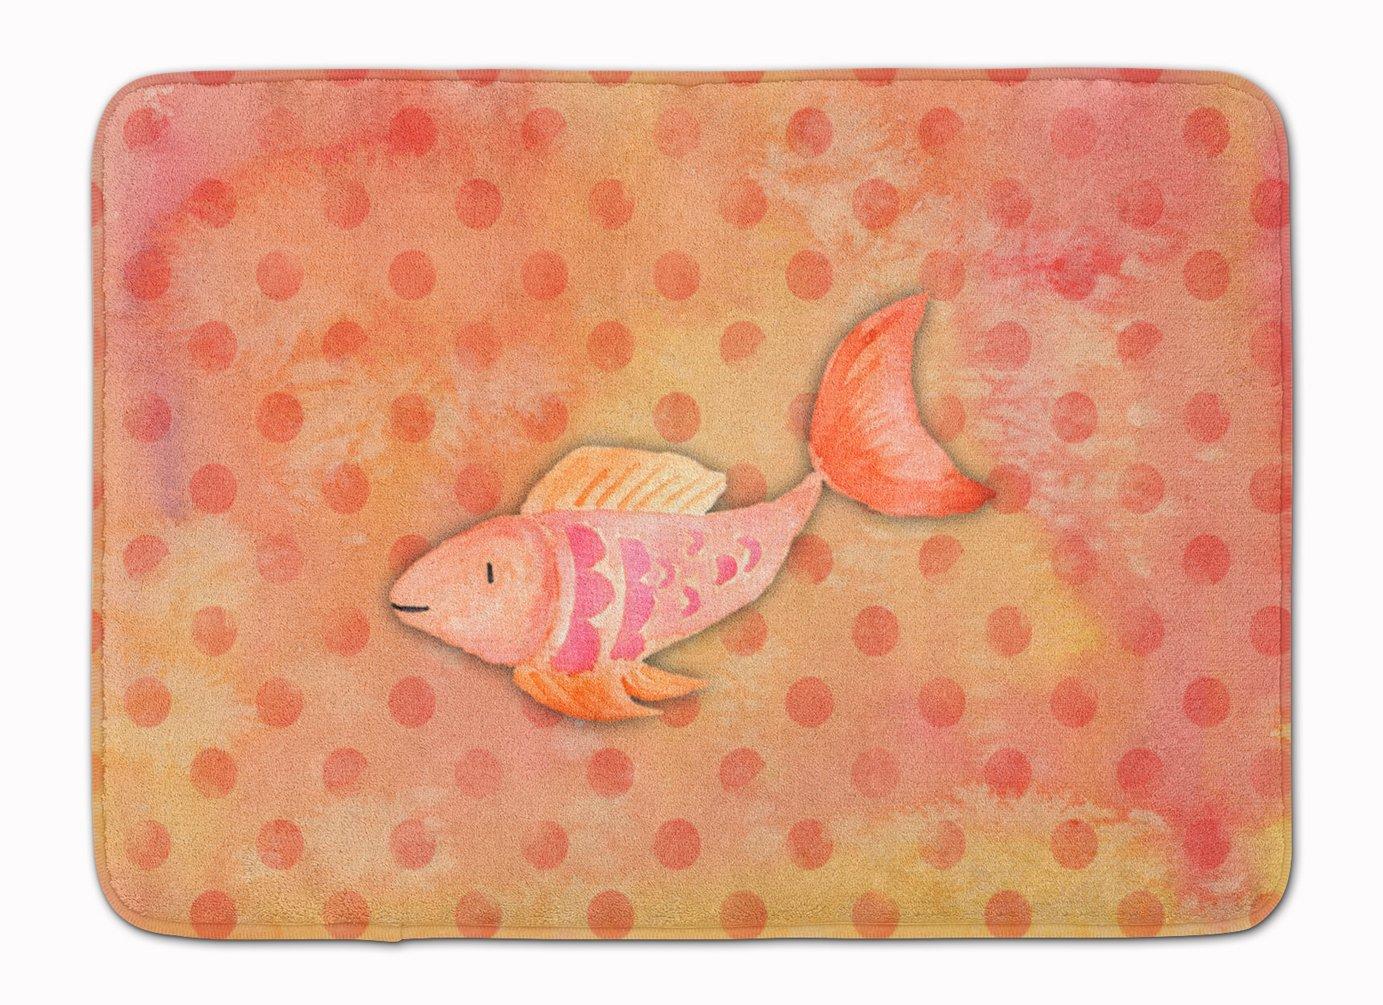 Carolines Treasures Orange Fish Watercolor Floor Mat 19 H x 27 W Multicolor